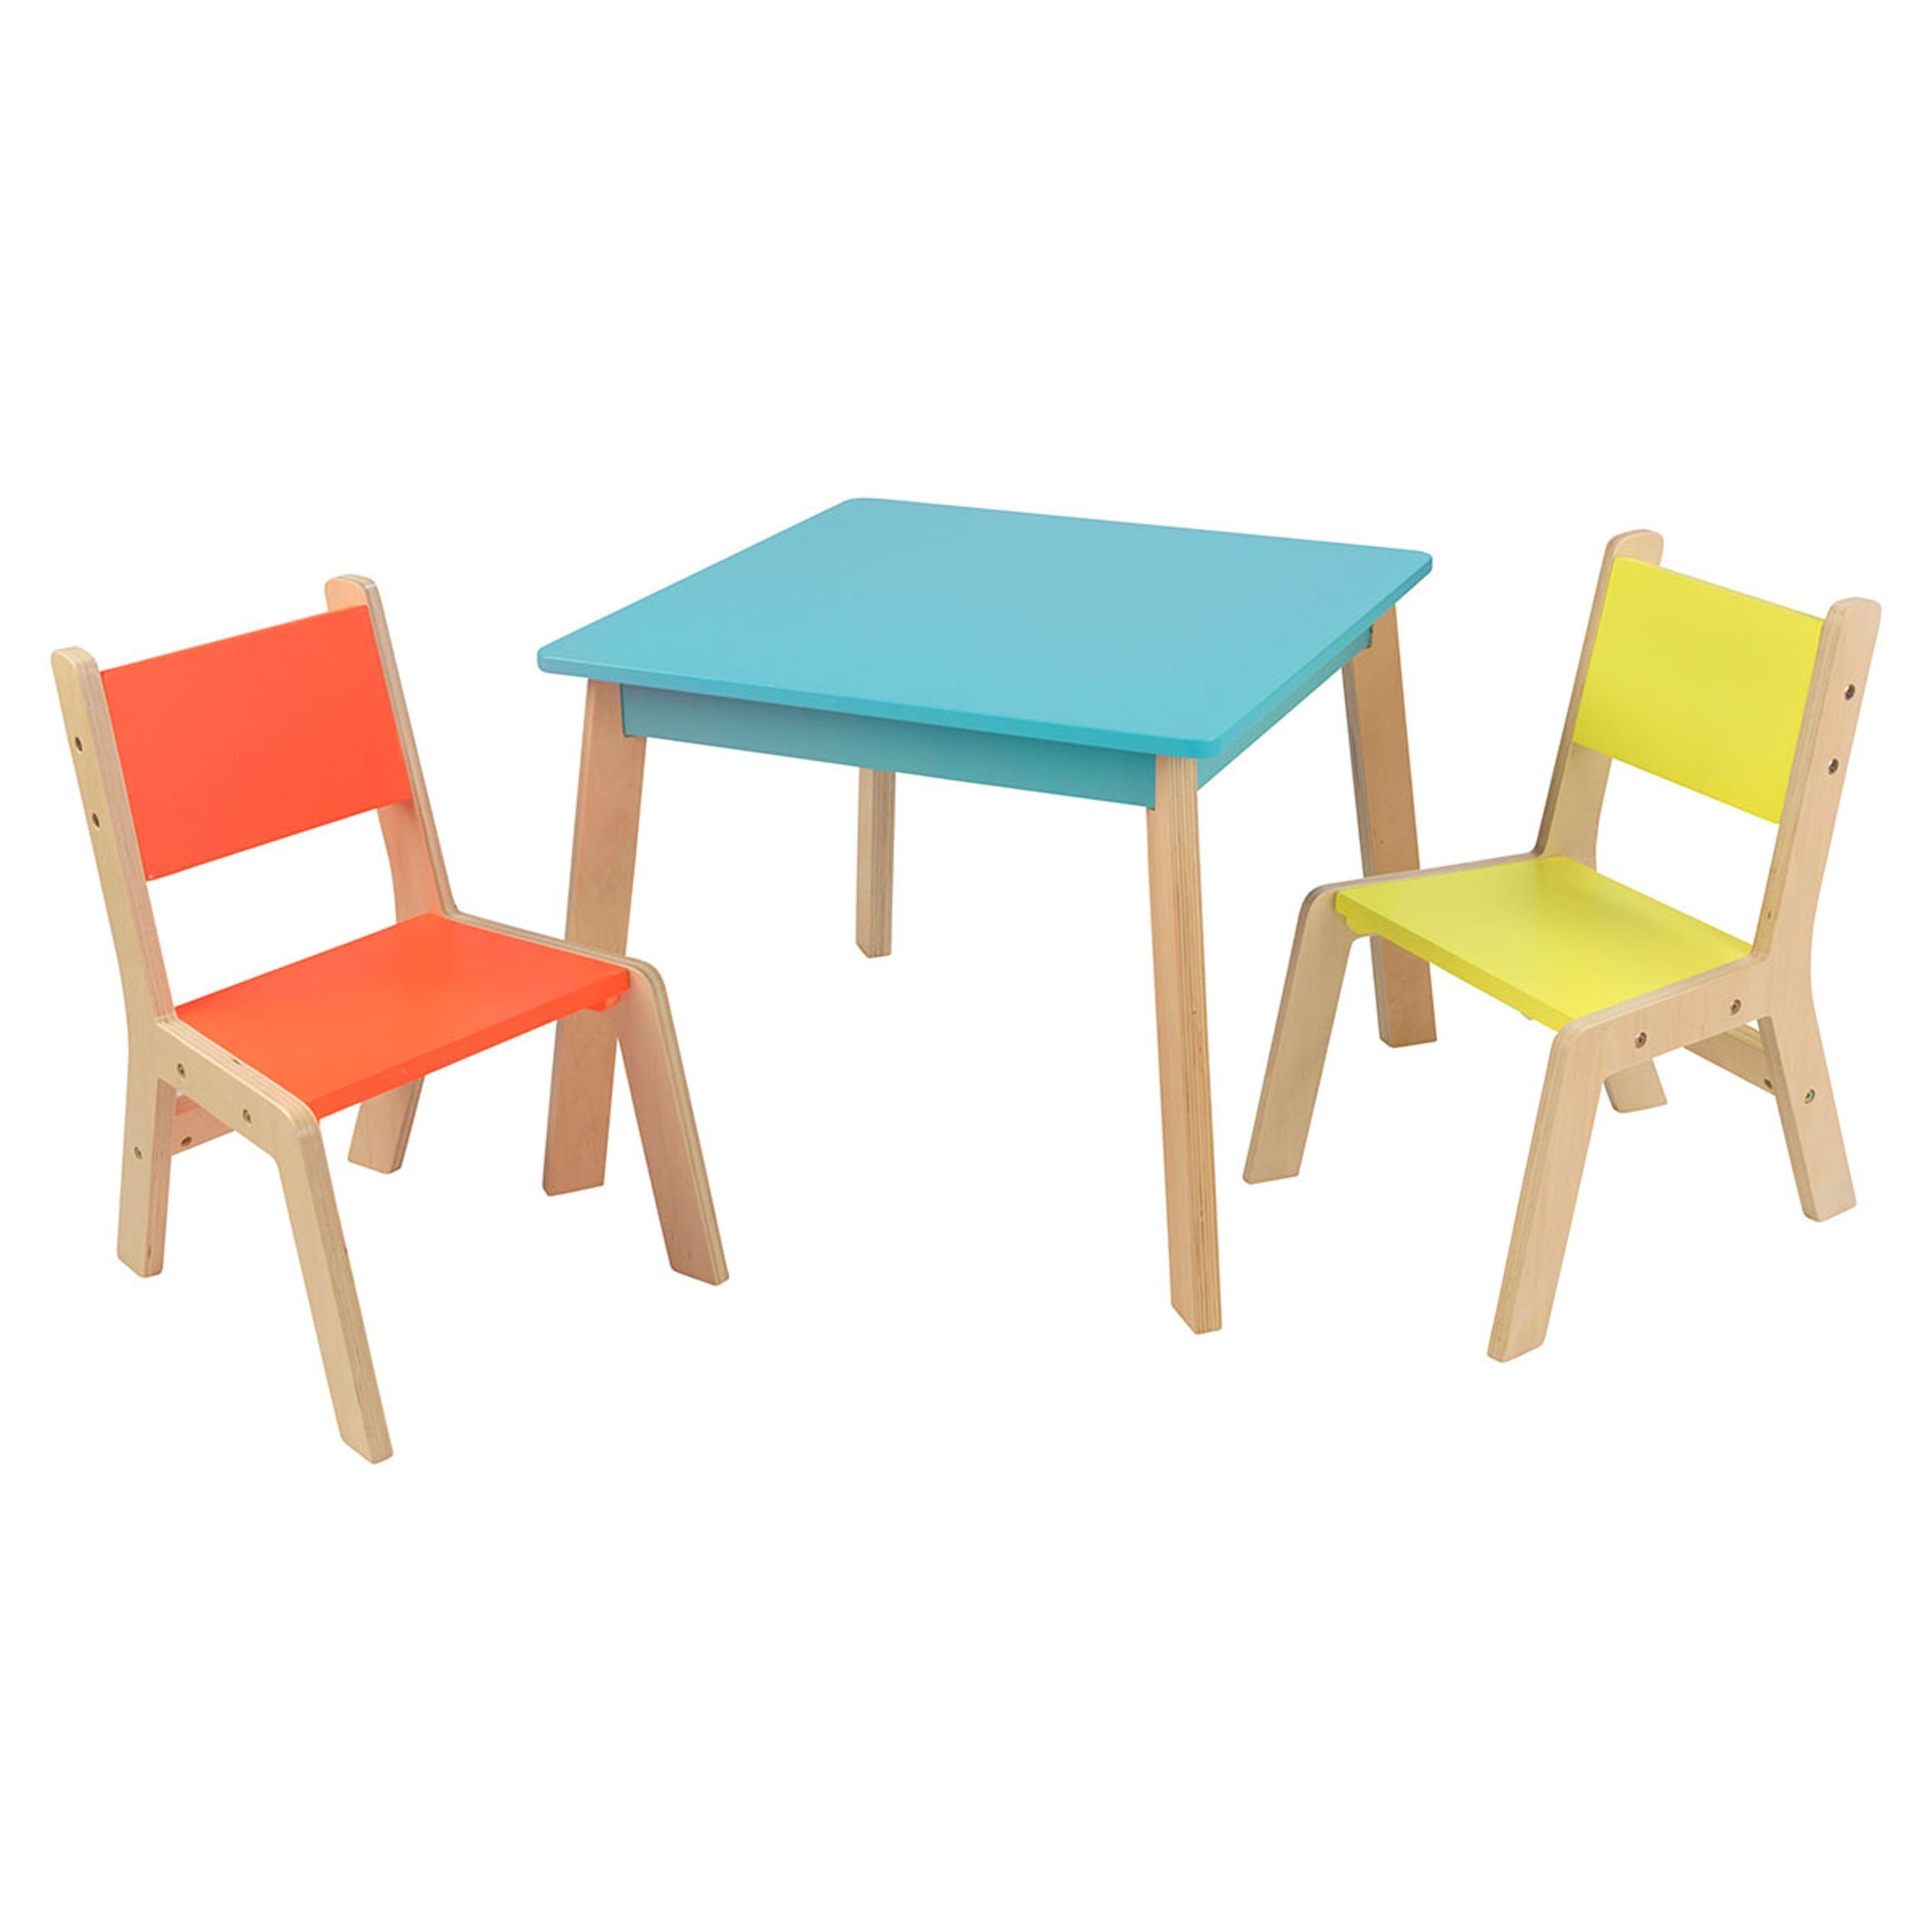 Kinder Outdoor Tabelle Und Stuhl | Stühle | Pinterest | Kinder Tisch ...